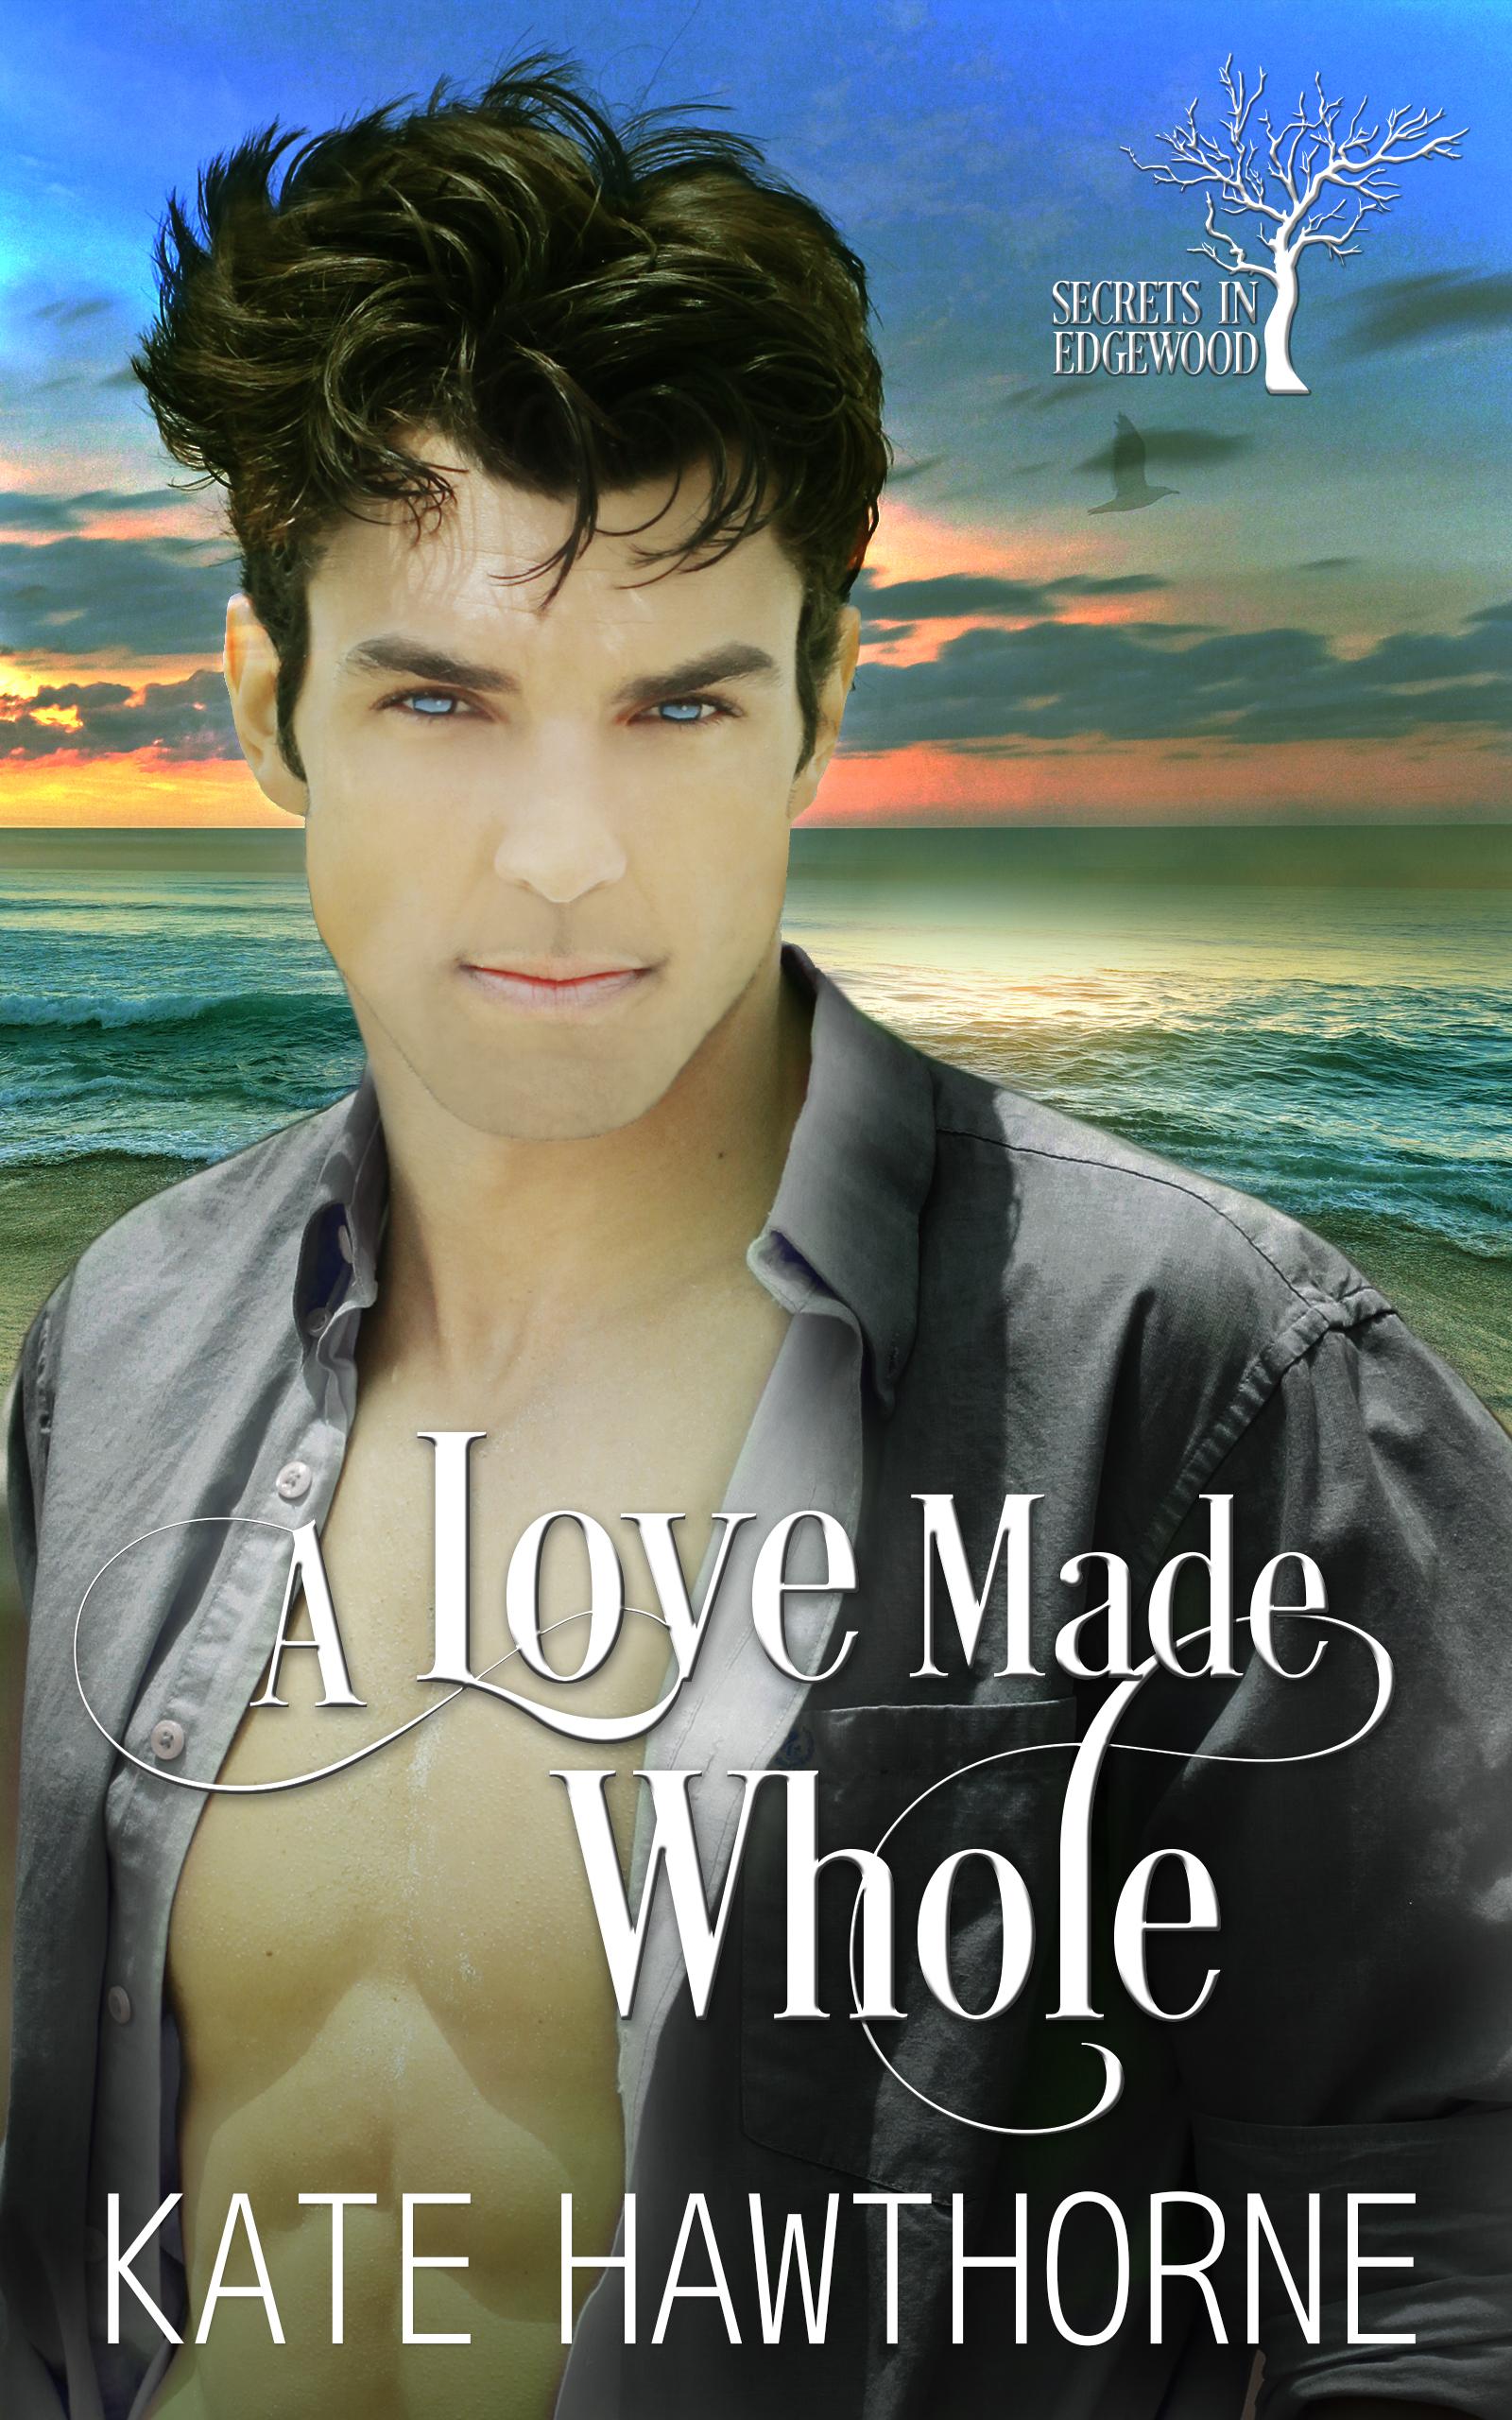 ALMW-eBook-Cover